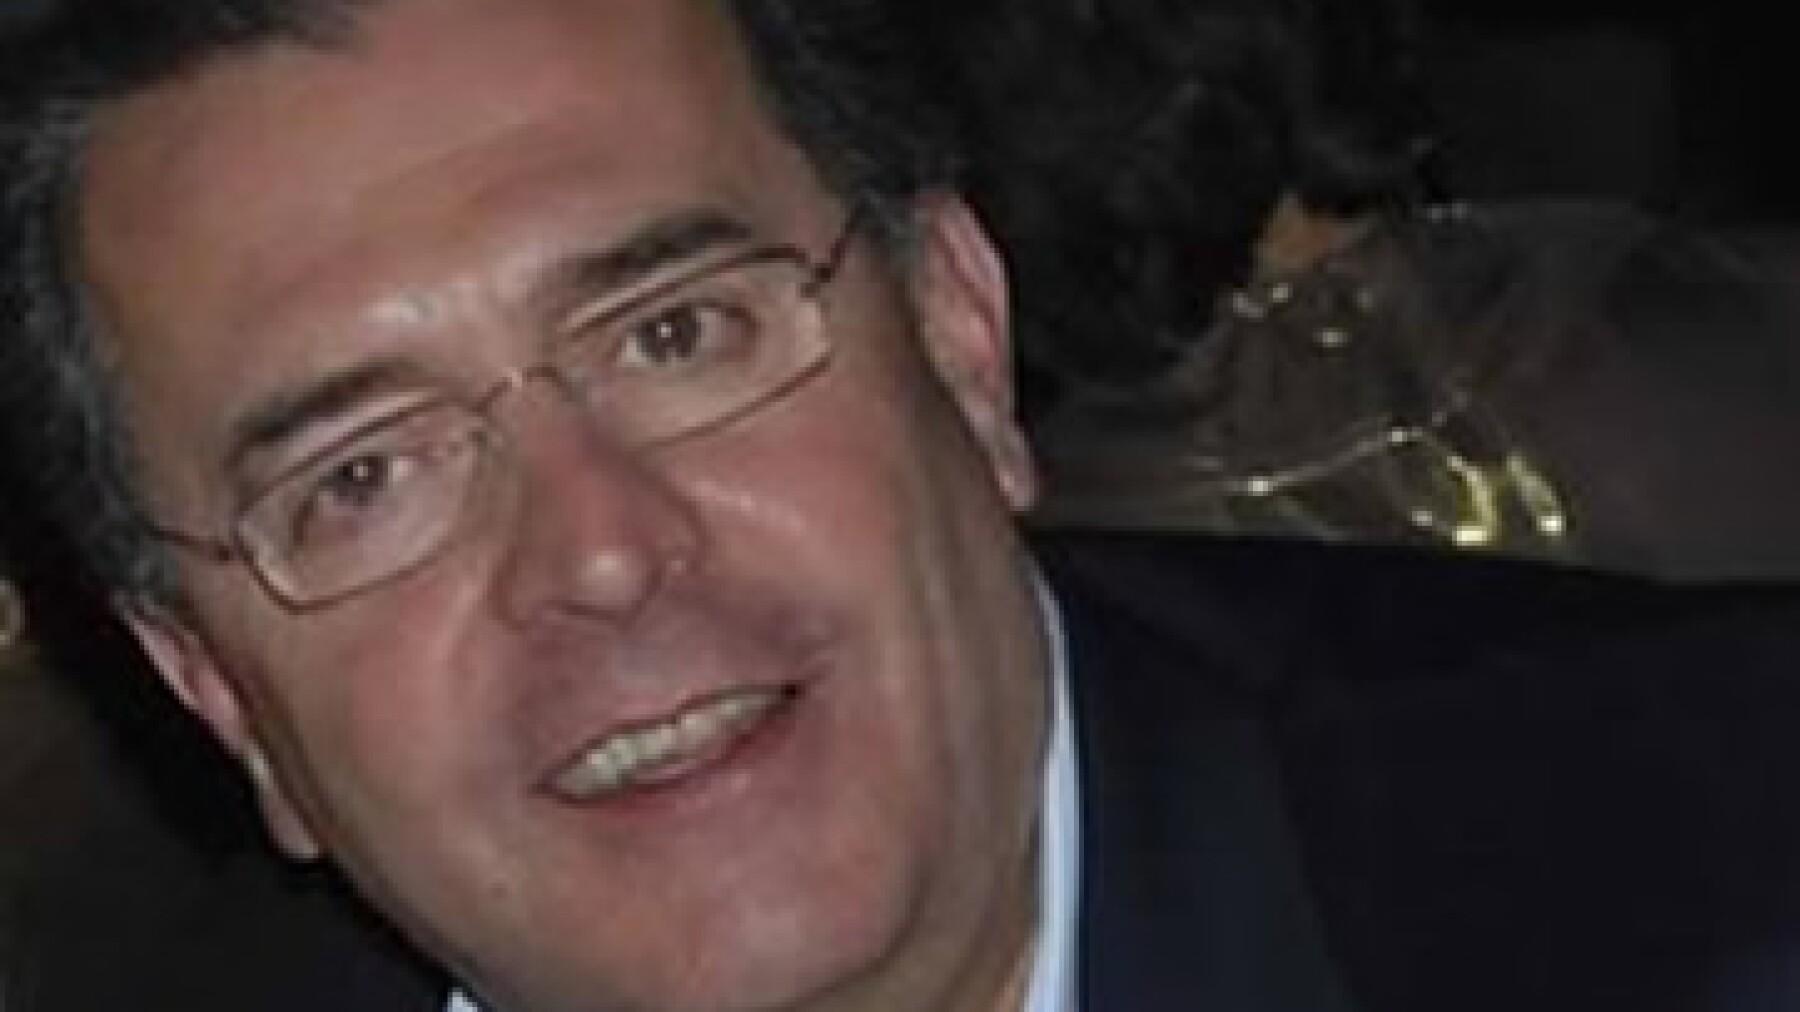 El contrato que el presidente de Xignux firmó con GISSA, permitirá a su compañía una mayor expansión. (Foto: Quién.com)